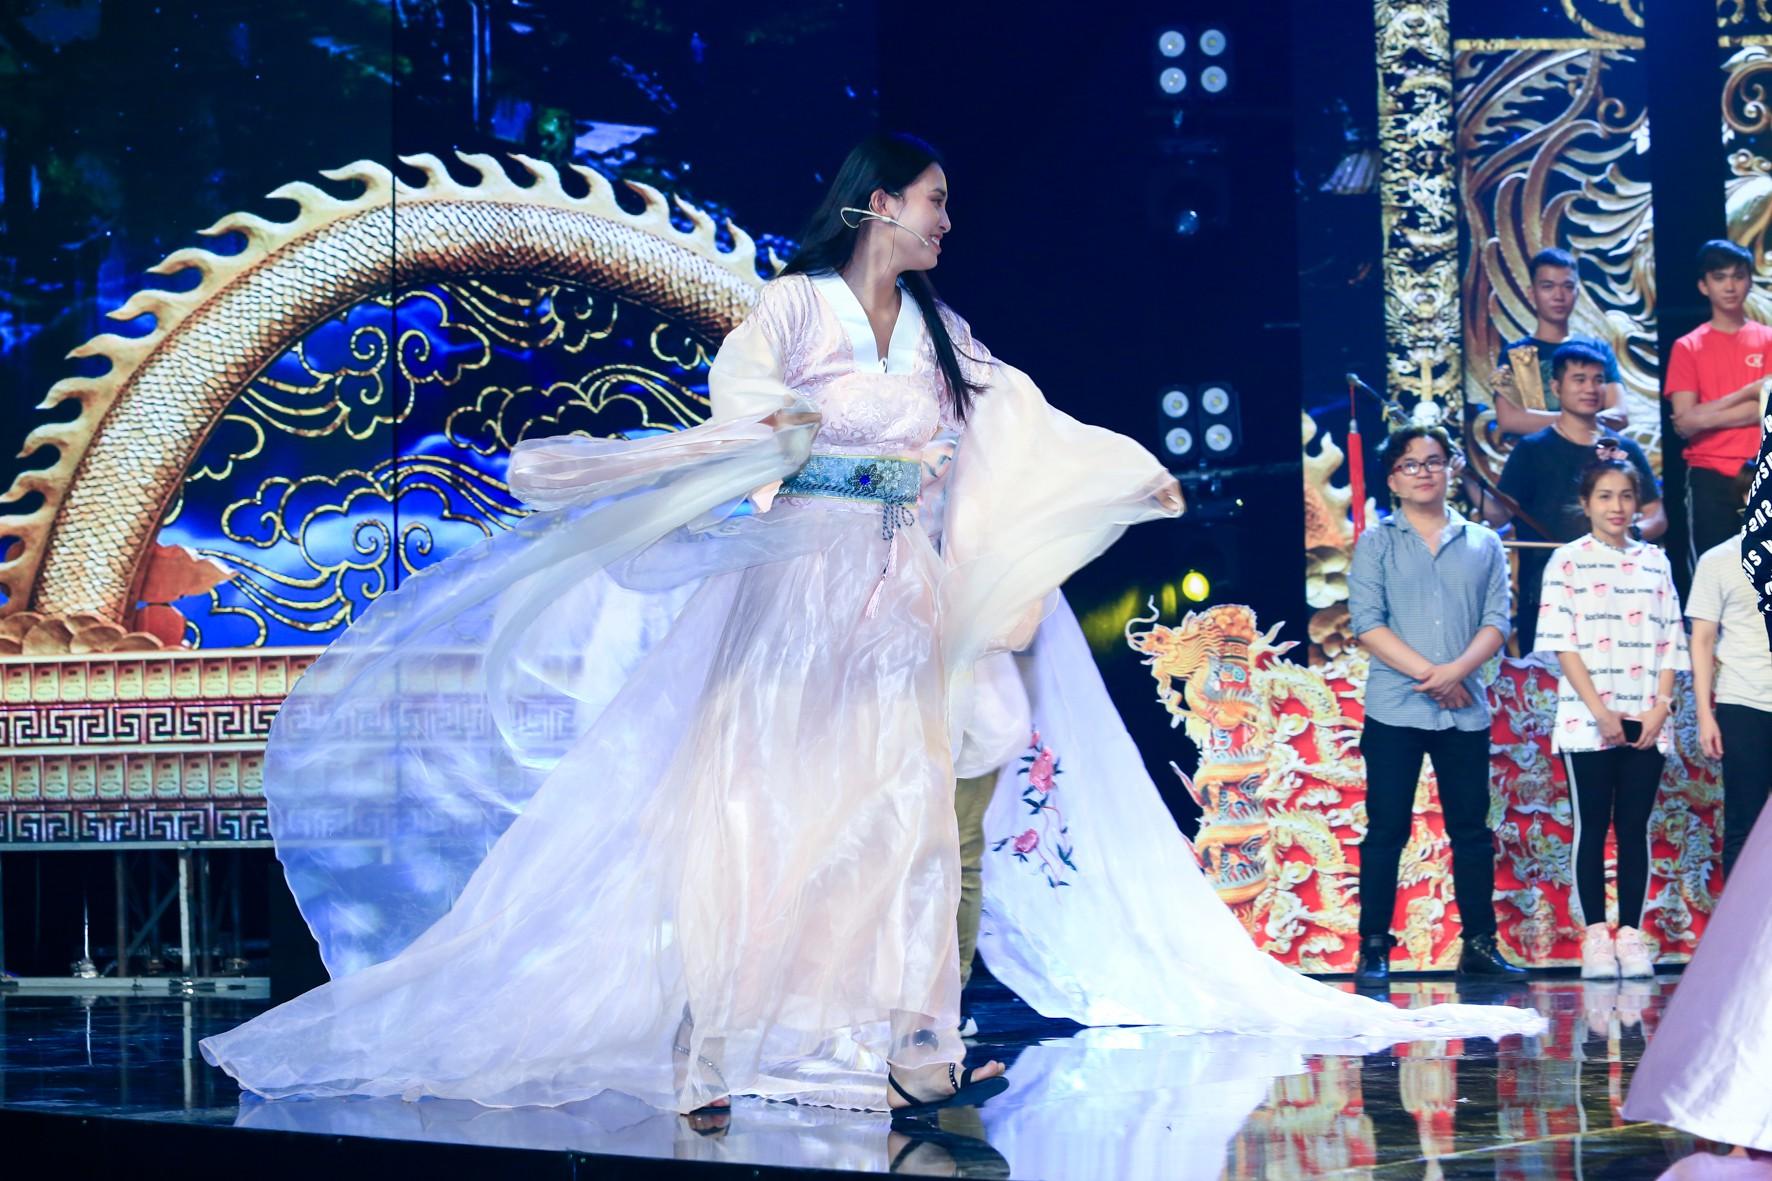 Hoa hậu Tiểu Vy lần đầu thử khả năng diễn xuất, đóng Táo 2019 cùng Mr Đàm, Cẩm Ly - Ảnh 7.